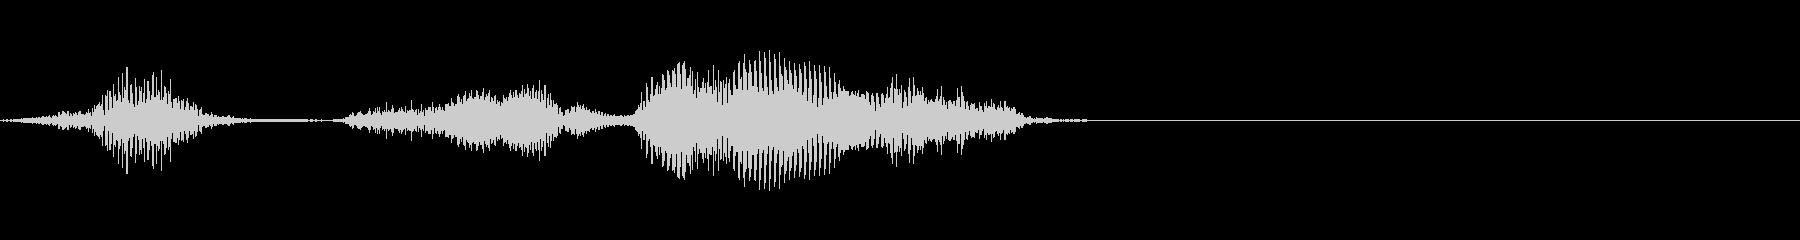 発売(effect)の未再生の波形